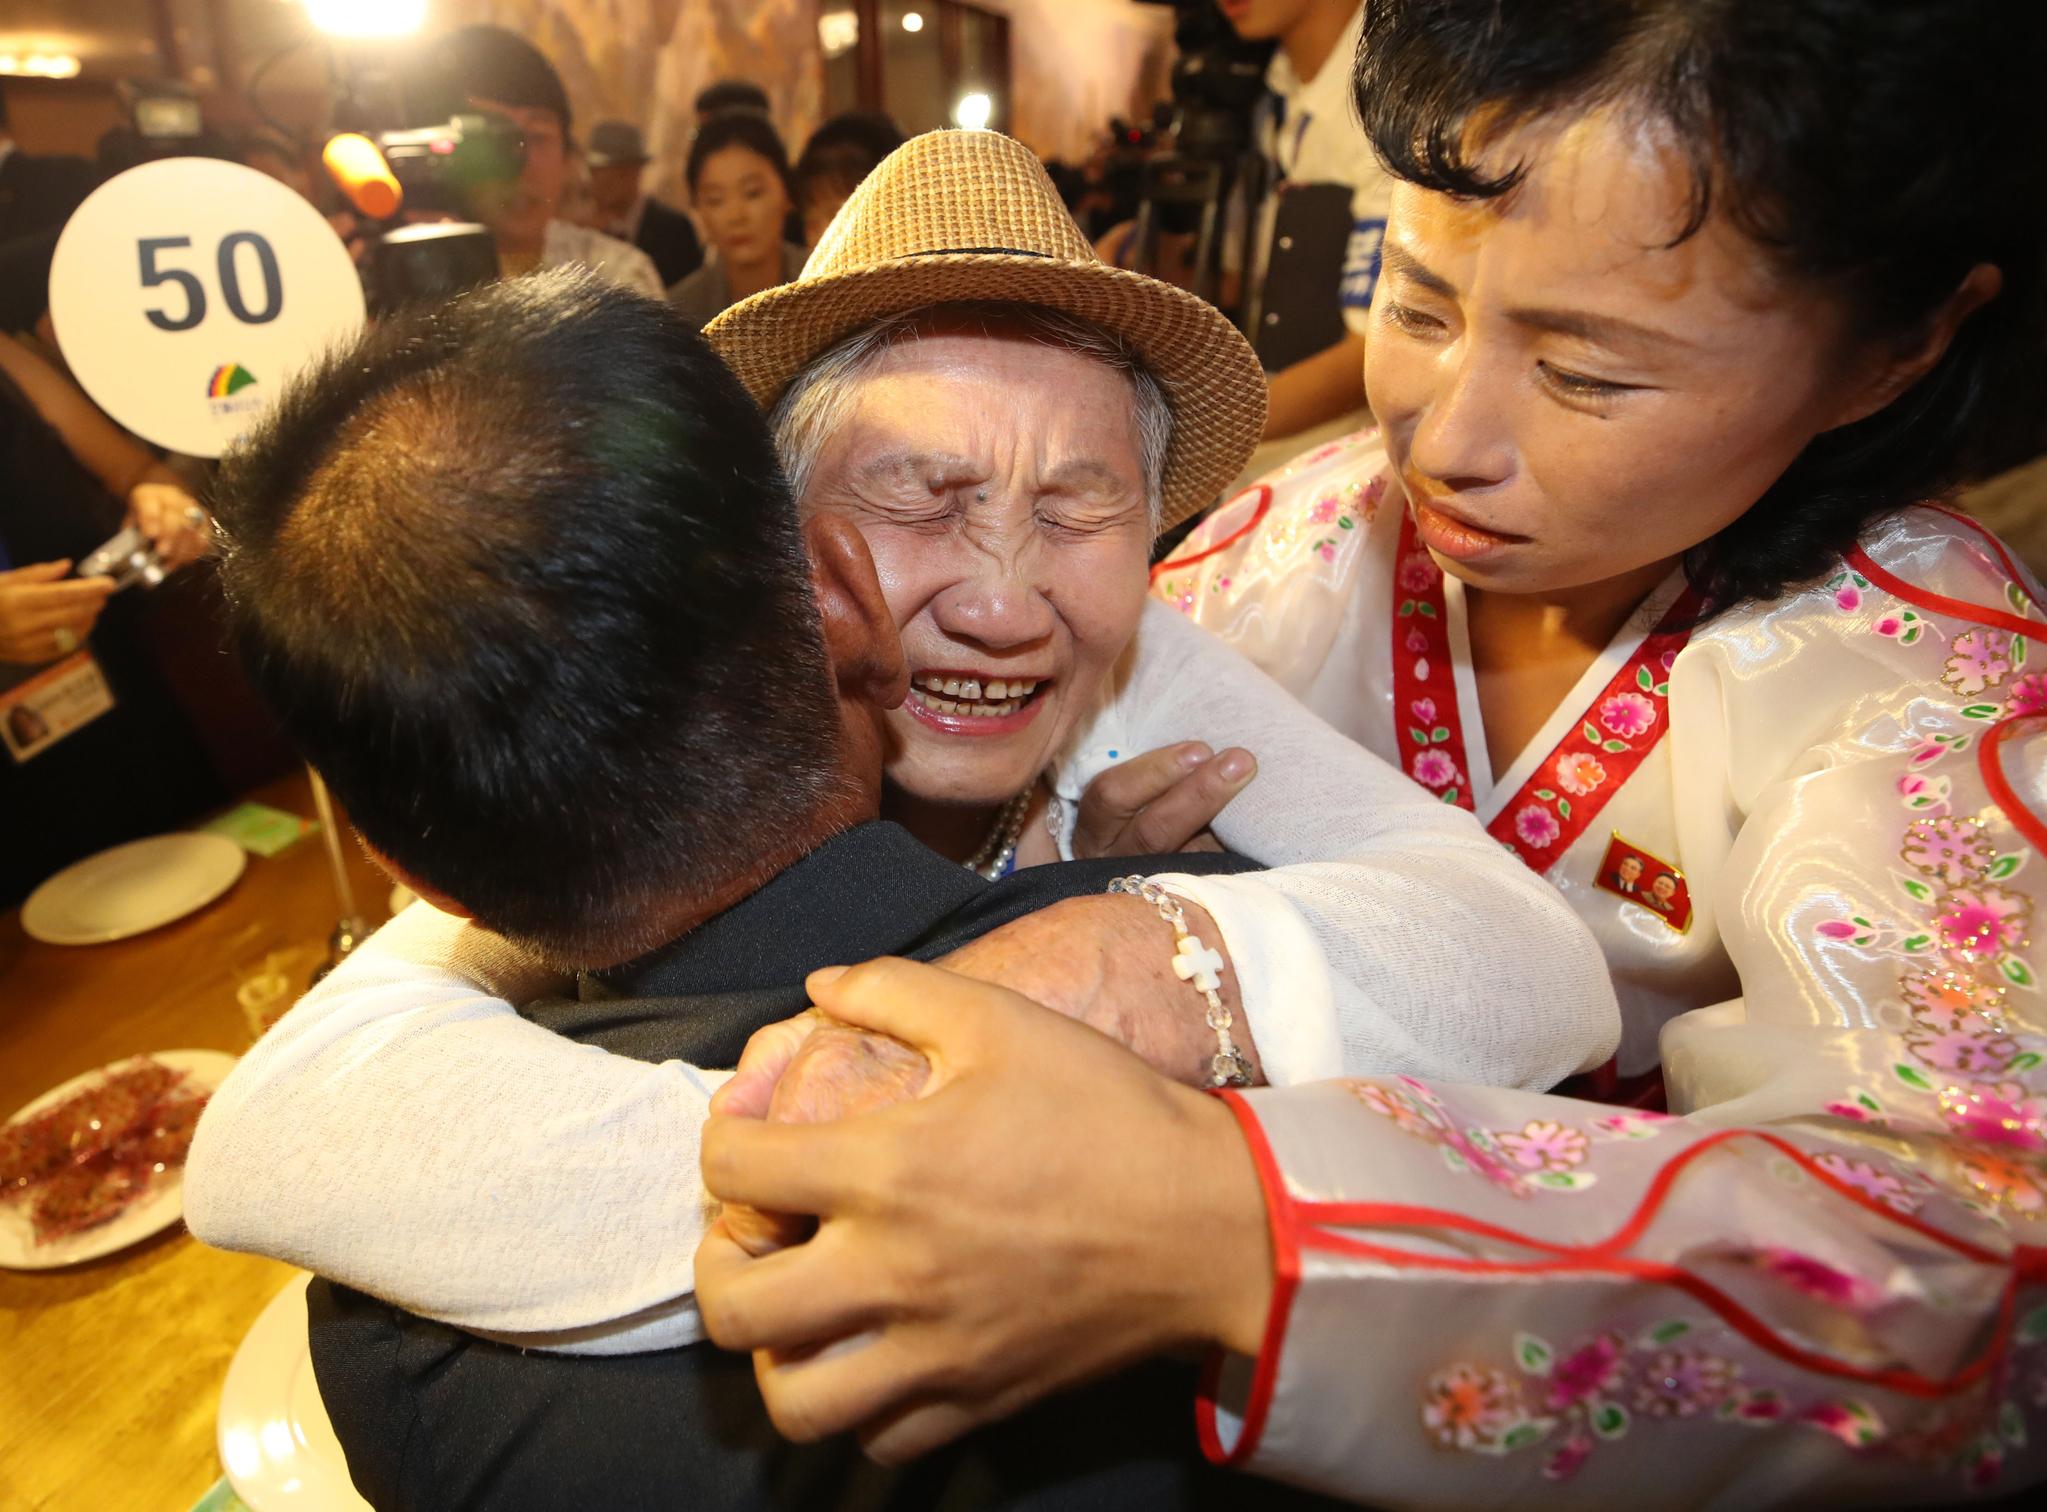 20일 금강산호텔에서 열린 제21차 남북 이산가족 단체상봉 행사에서 남측 이금섬(92) 할머니가 북측 아들 리상철 씨와 만나 오열하고 있다. [뉴스통신취재단]